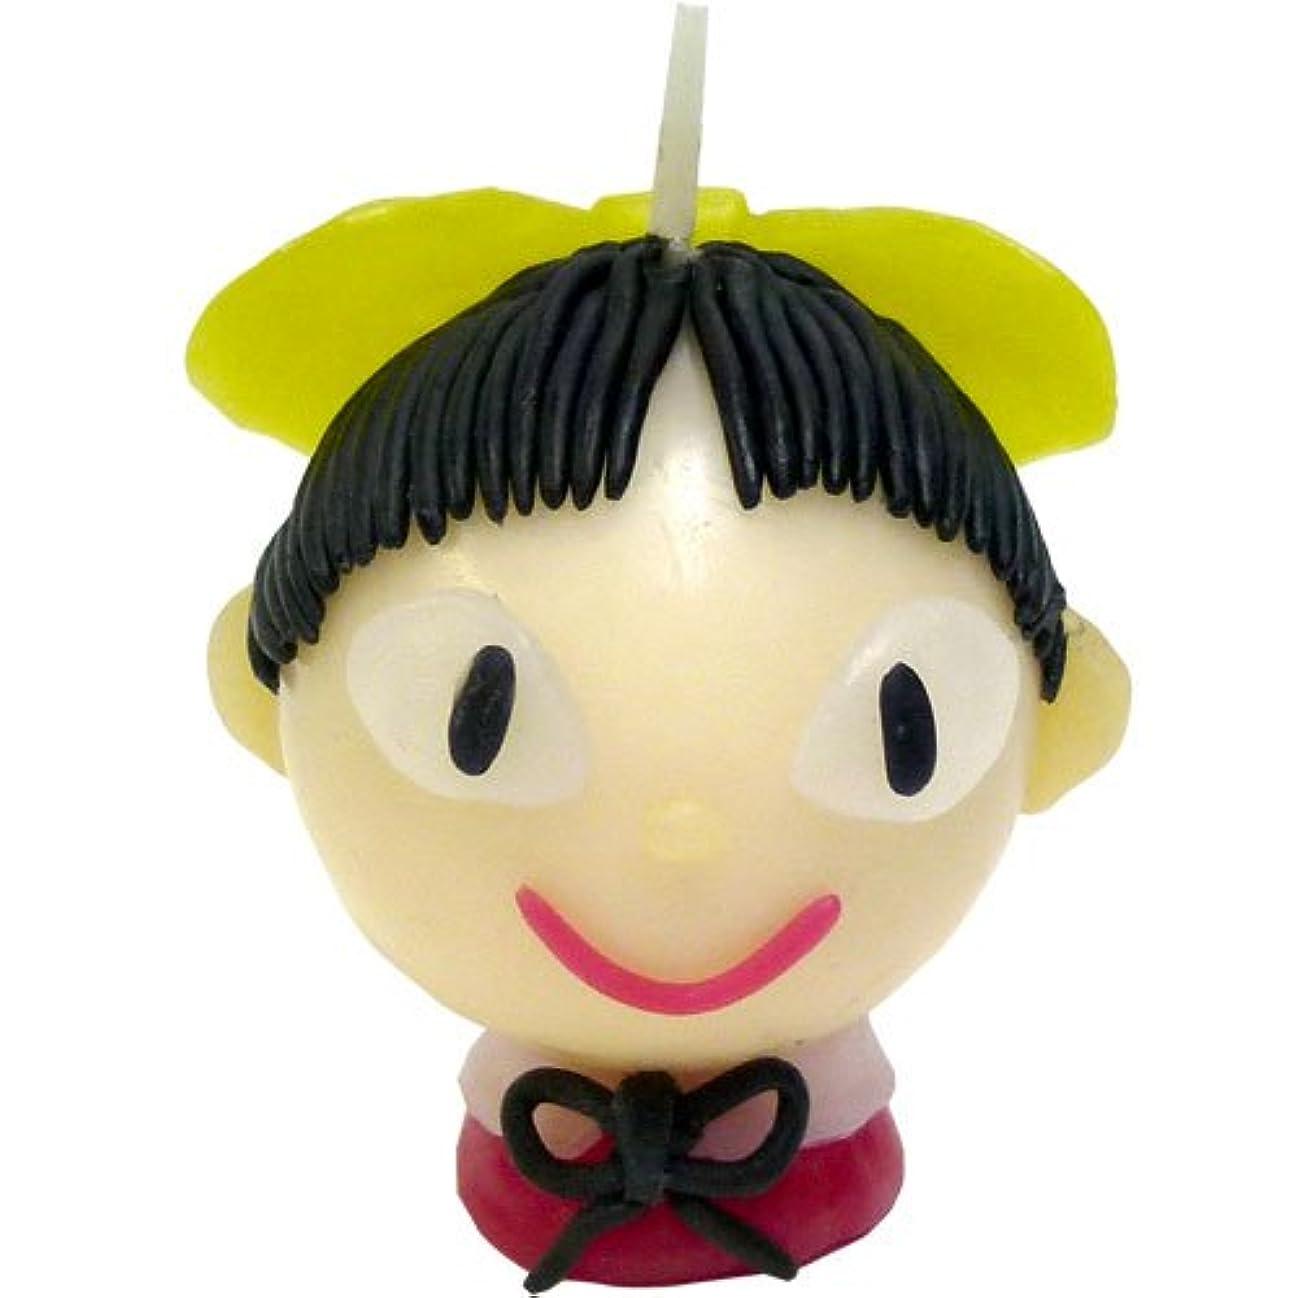 入射シュリンクプロポーショナルゲゲゲの鬼太郎 手作りキャンドルキット ねこ娘